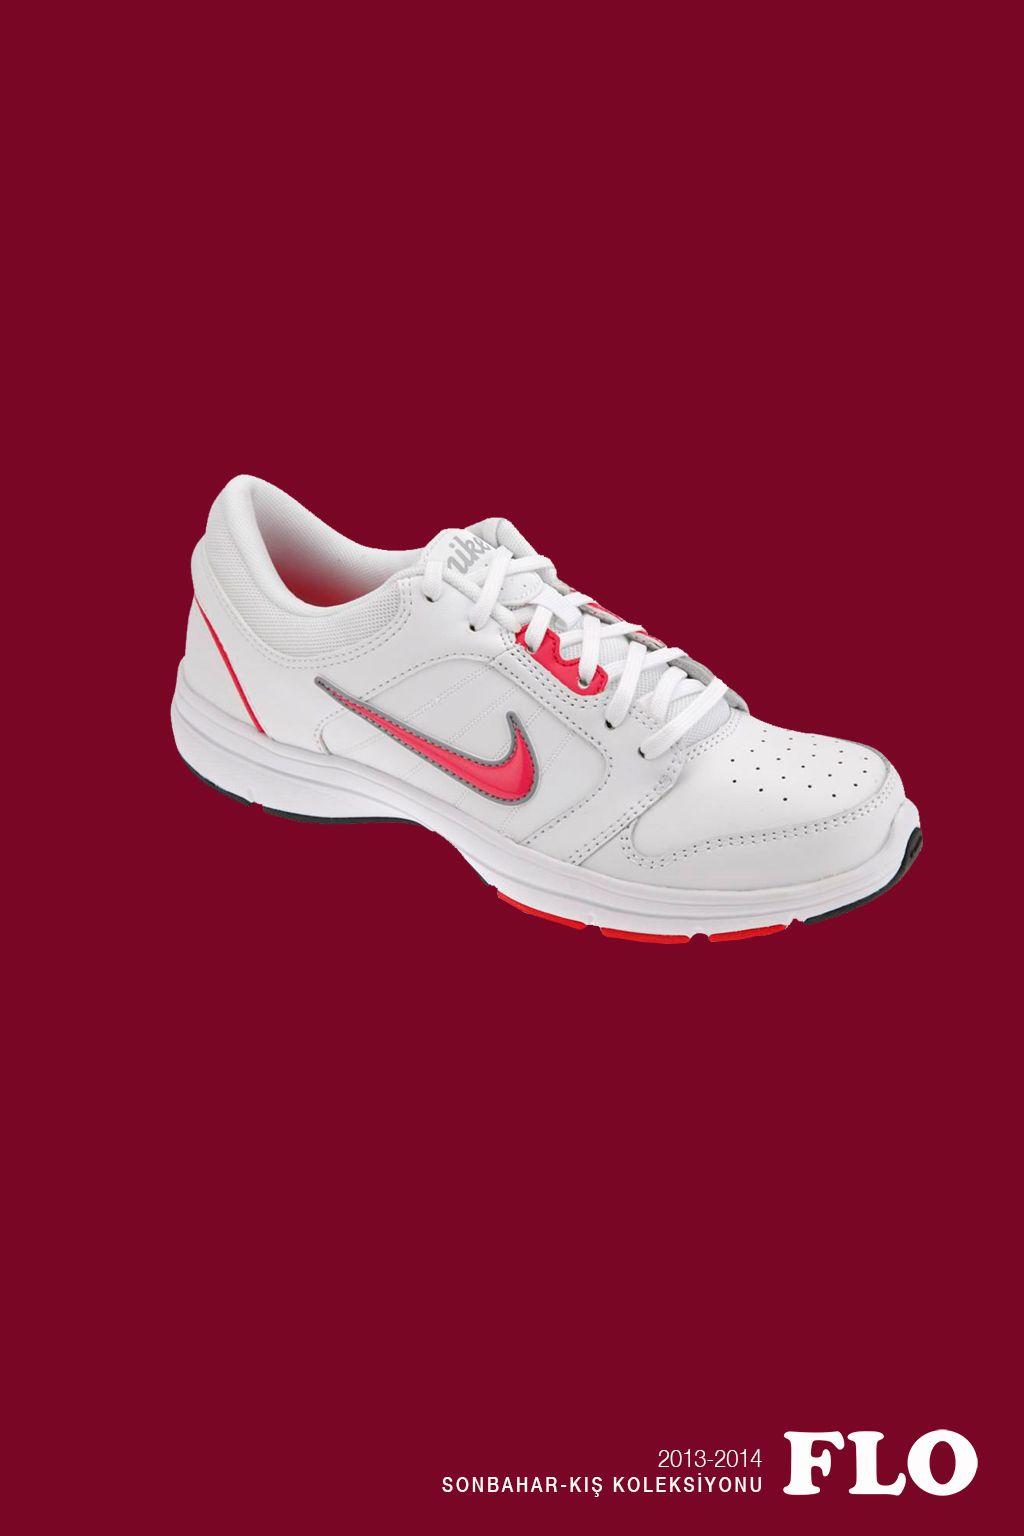 Gunun Ayakkabisi Nike Tan Geliyor Http Www Flo Com Tr Urun Nike 525739 103 Beyaz Kadin Fitness Html Saucony Sneaker Shoes Sneakers